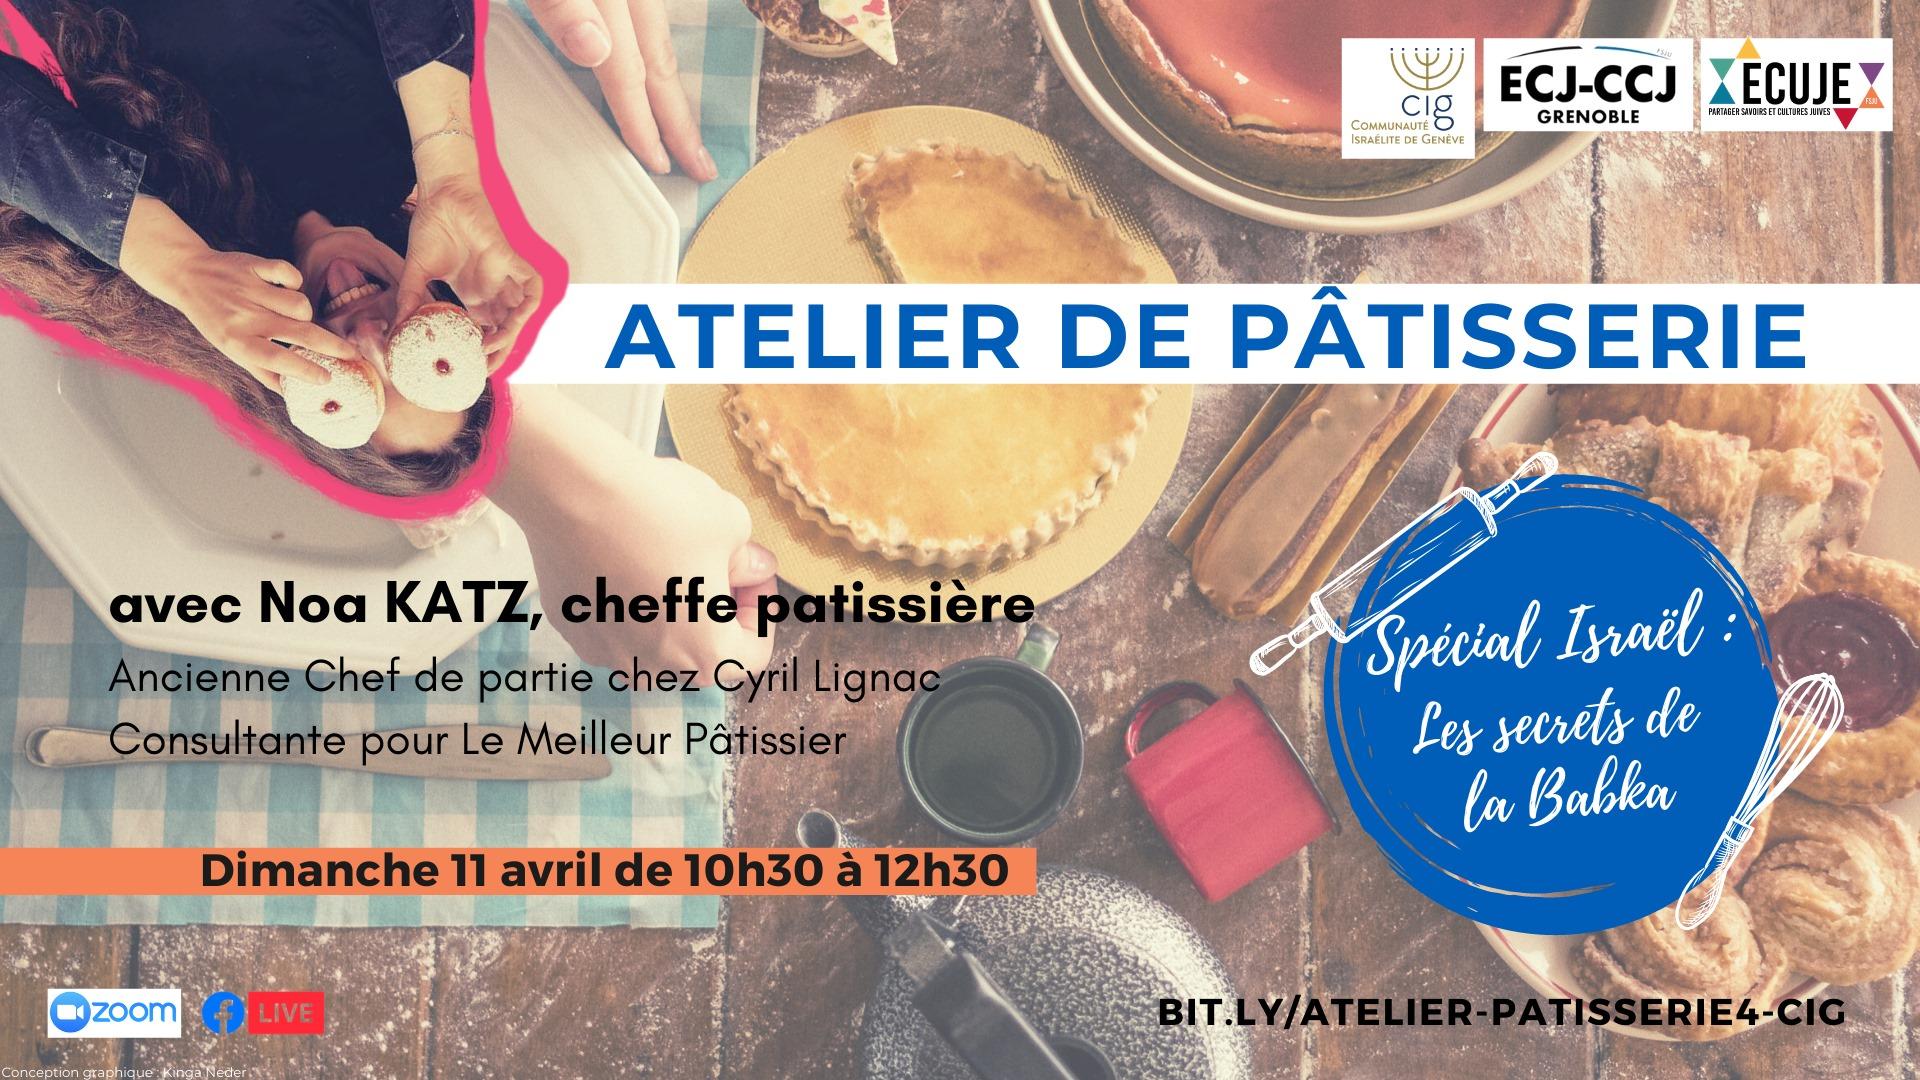 Atelier de pâtisserie avec Noa Katz